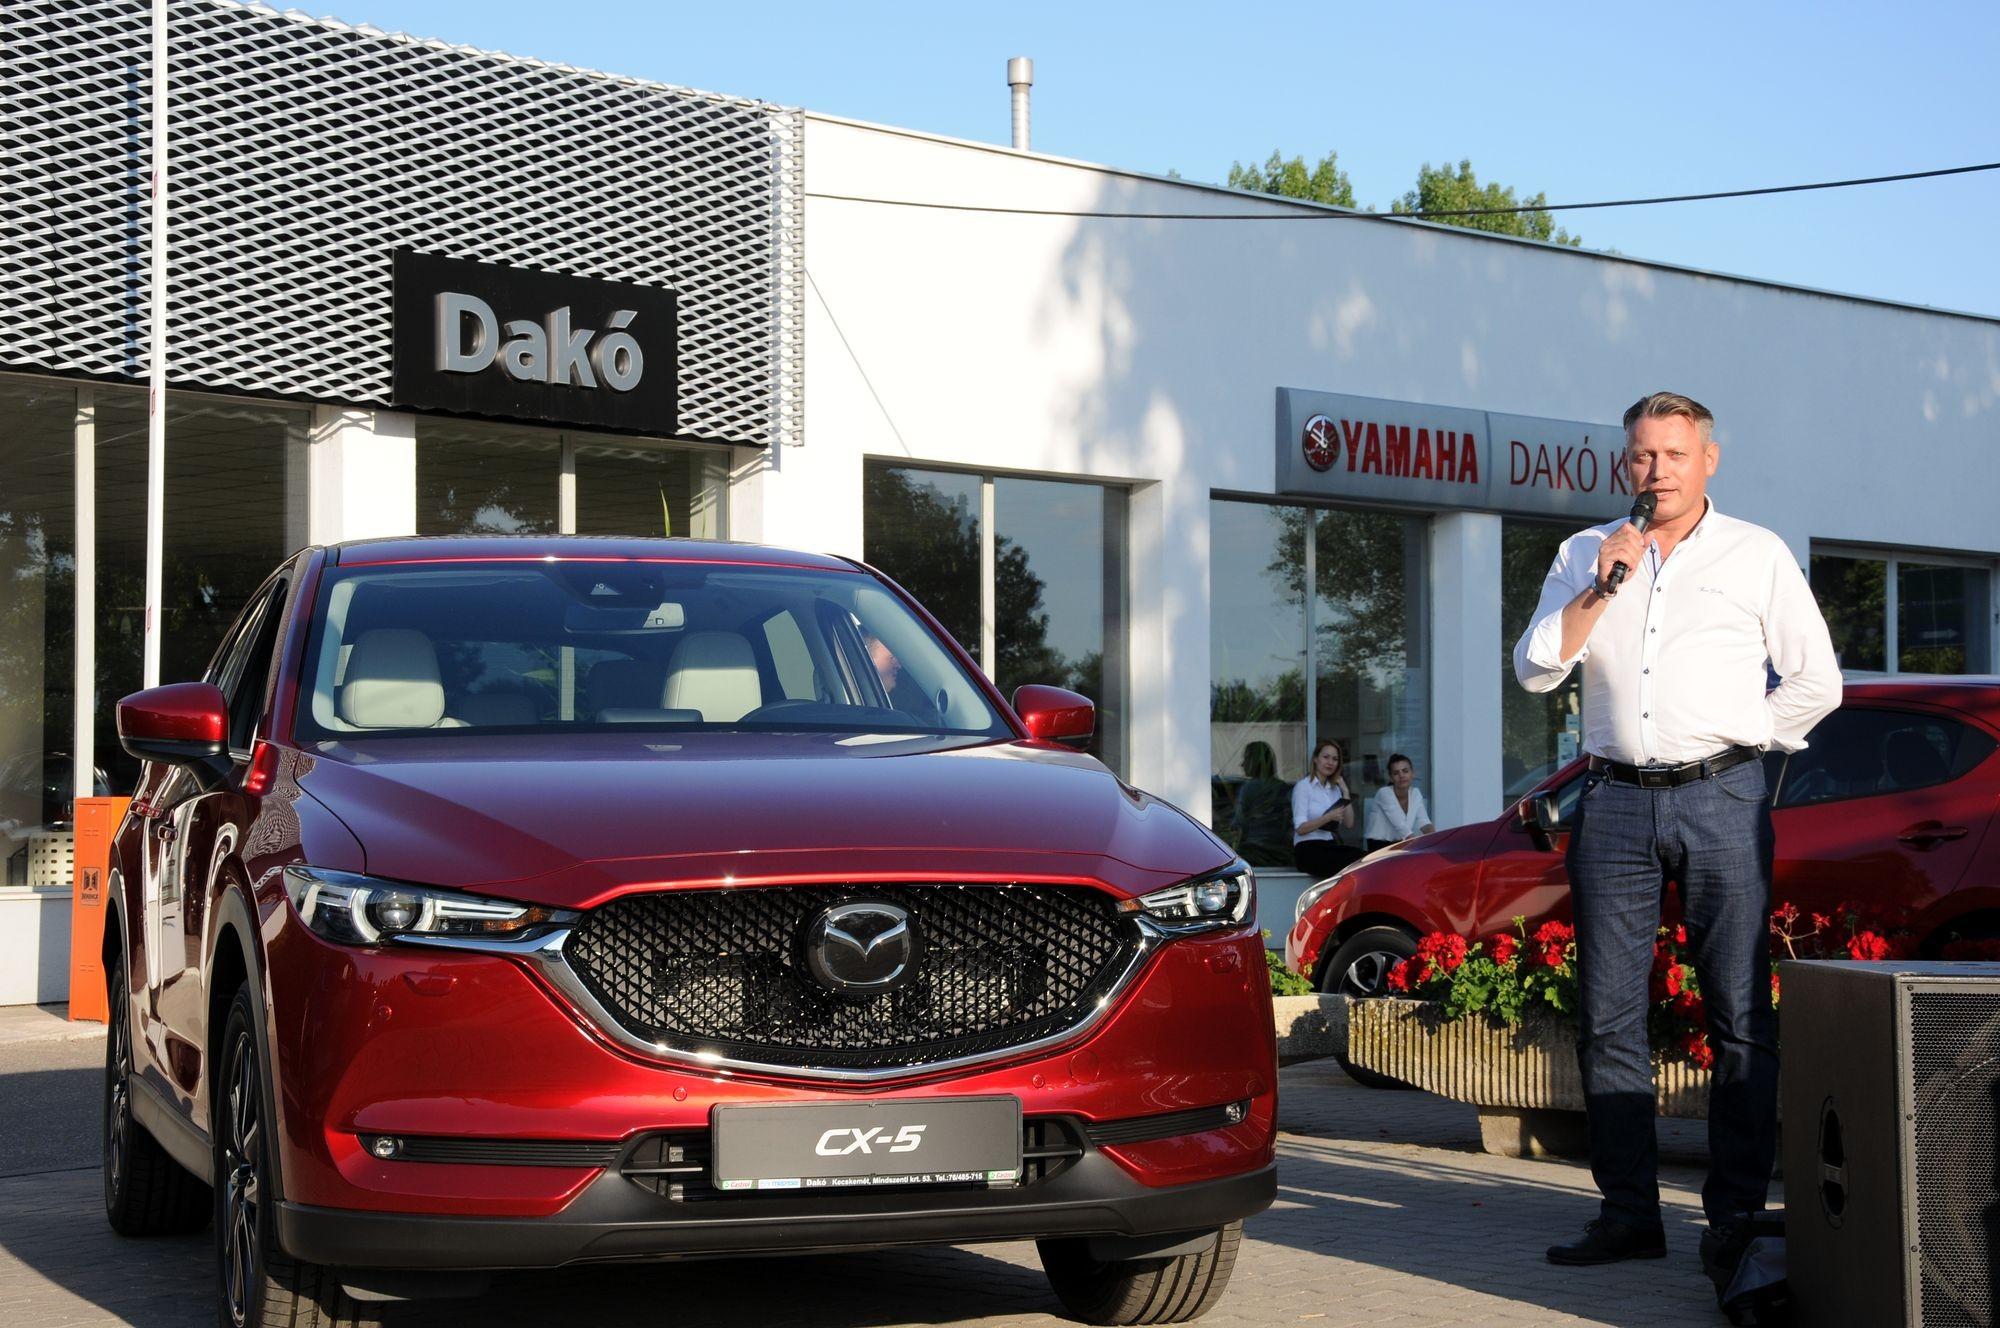 Leleplezték az új Mazda CX-5-öst a Dakó Kft-nél